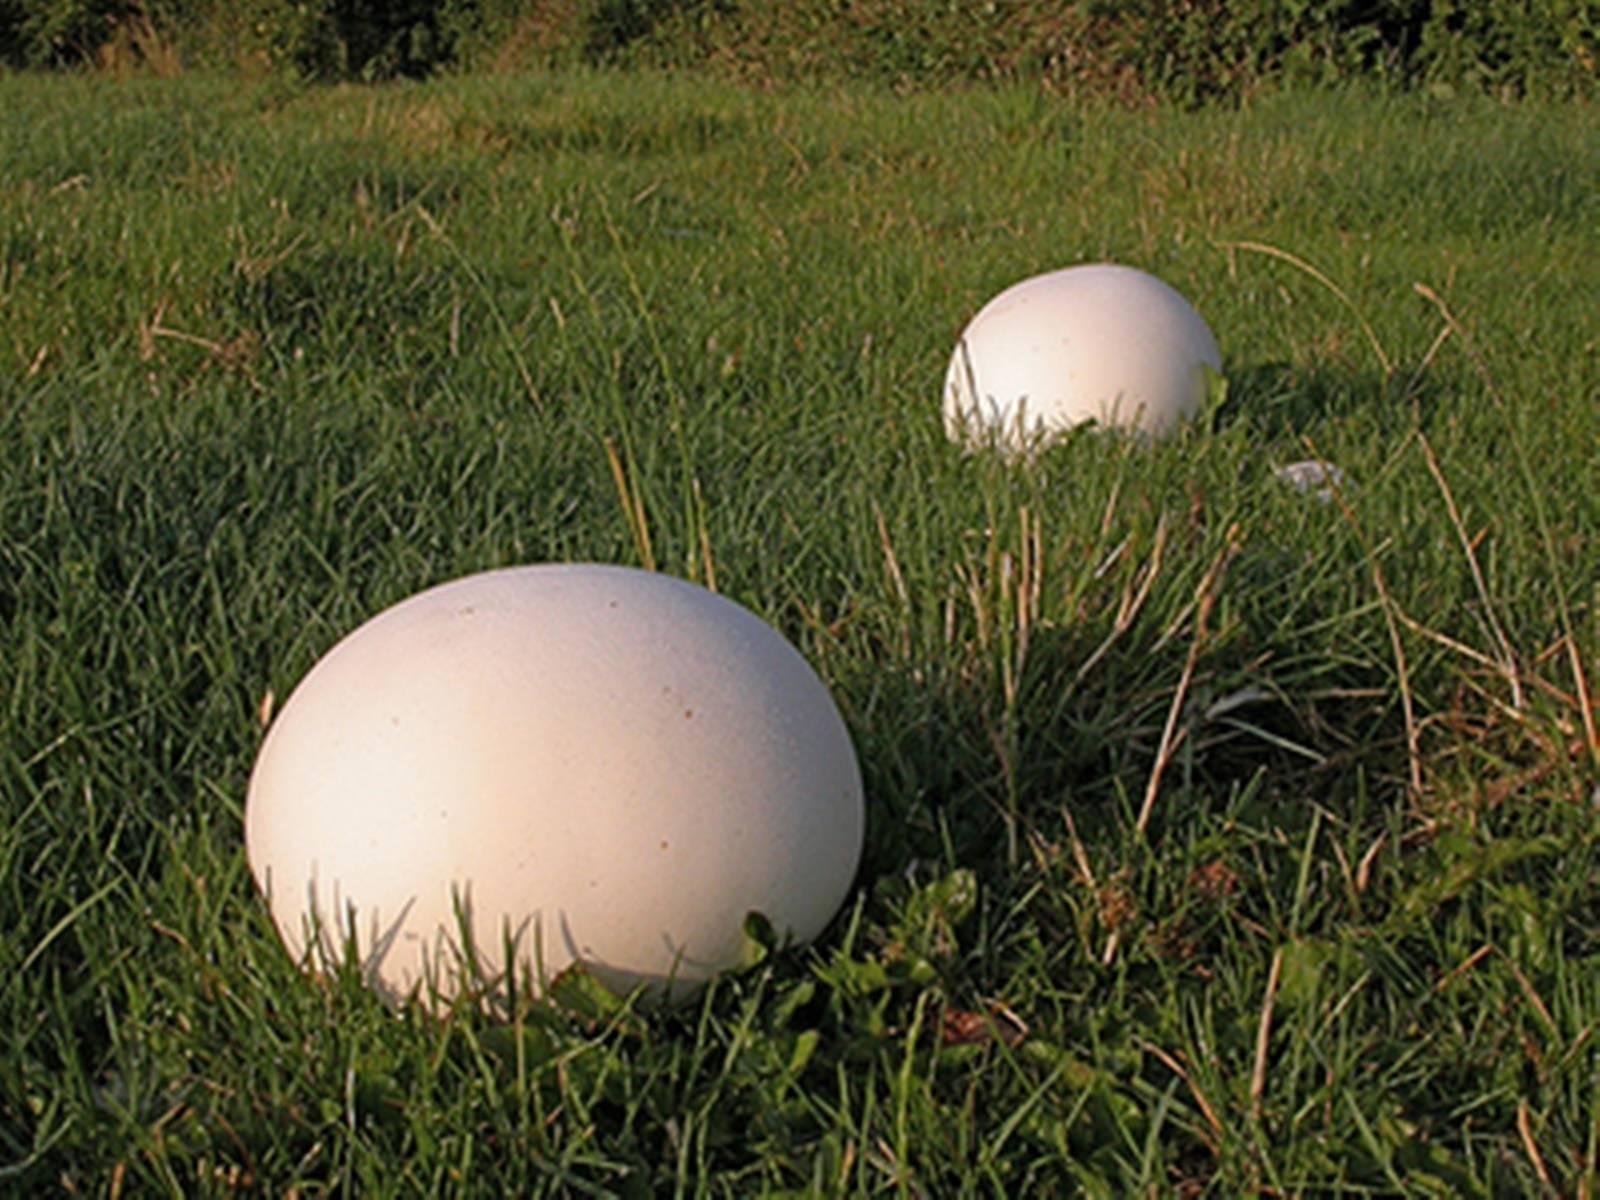 Вкусный и полезный гриб дождевик, описание и использование. дождевик съедобный